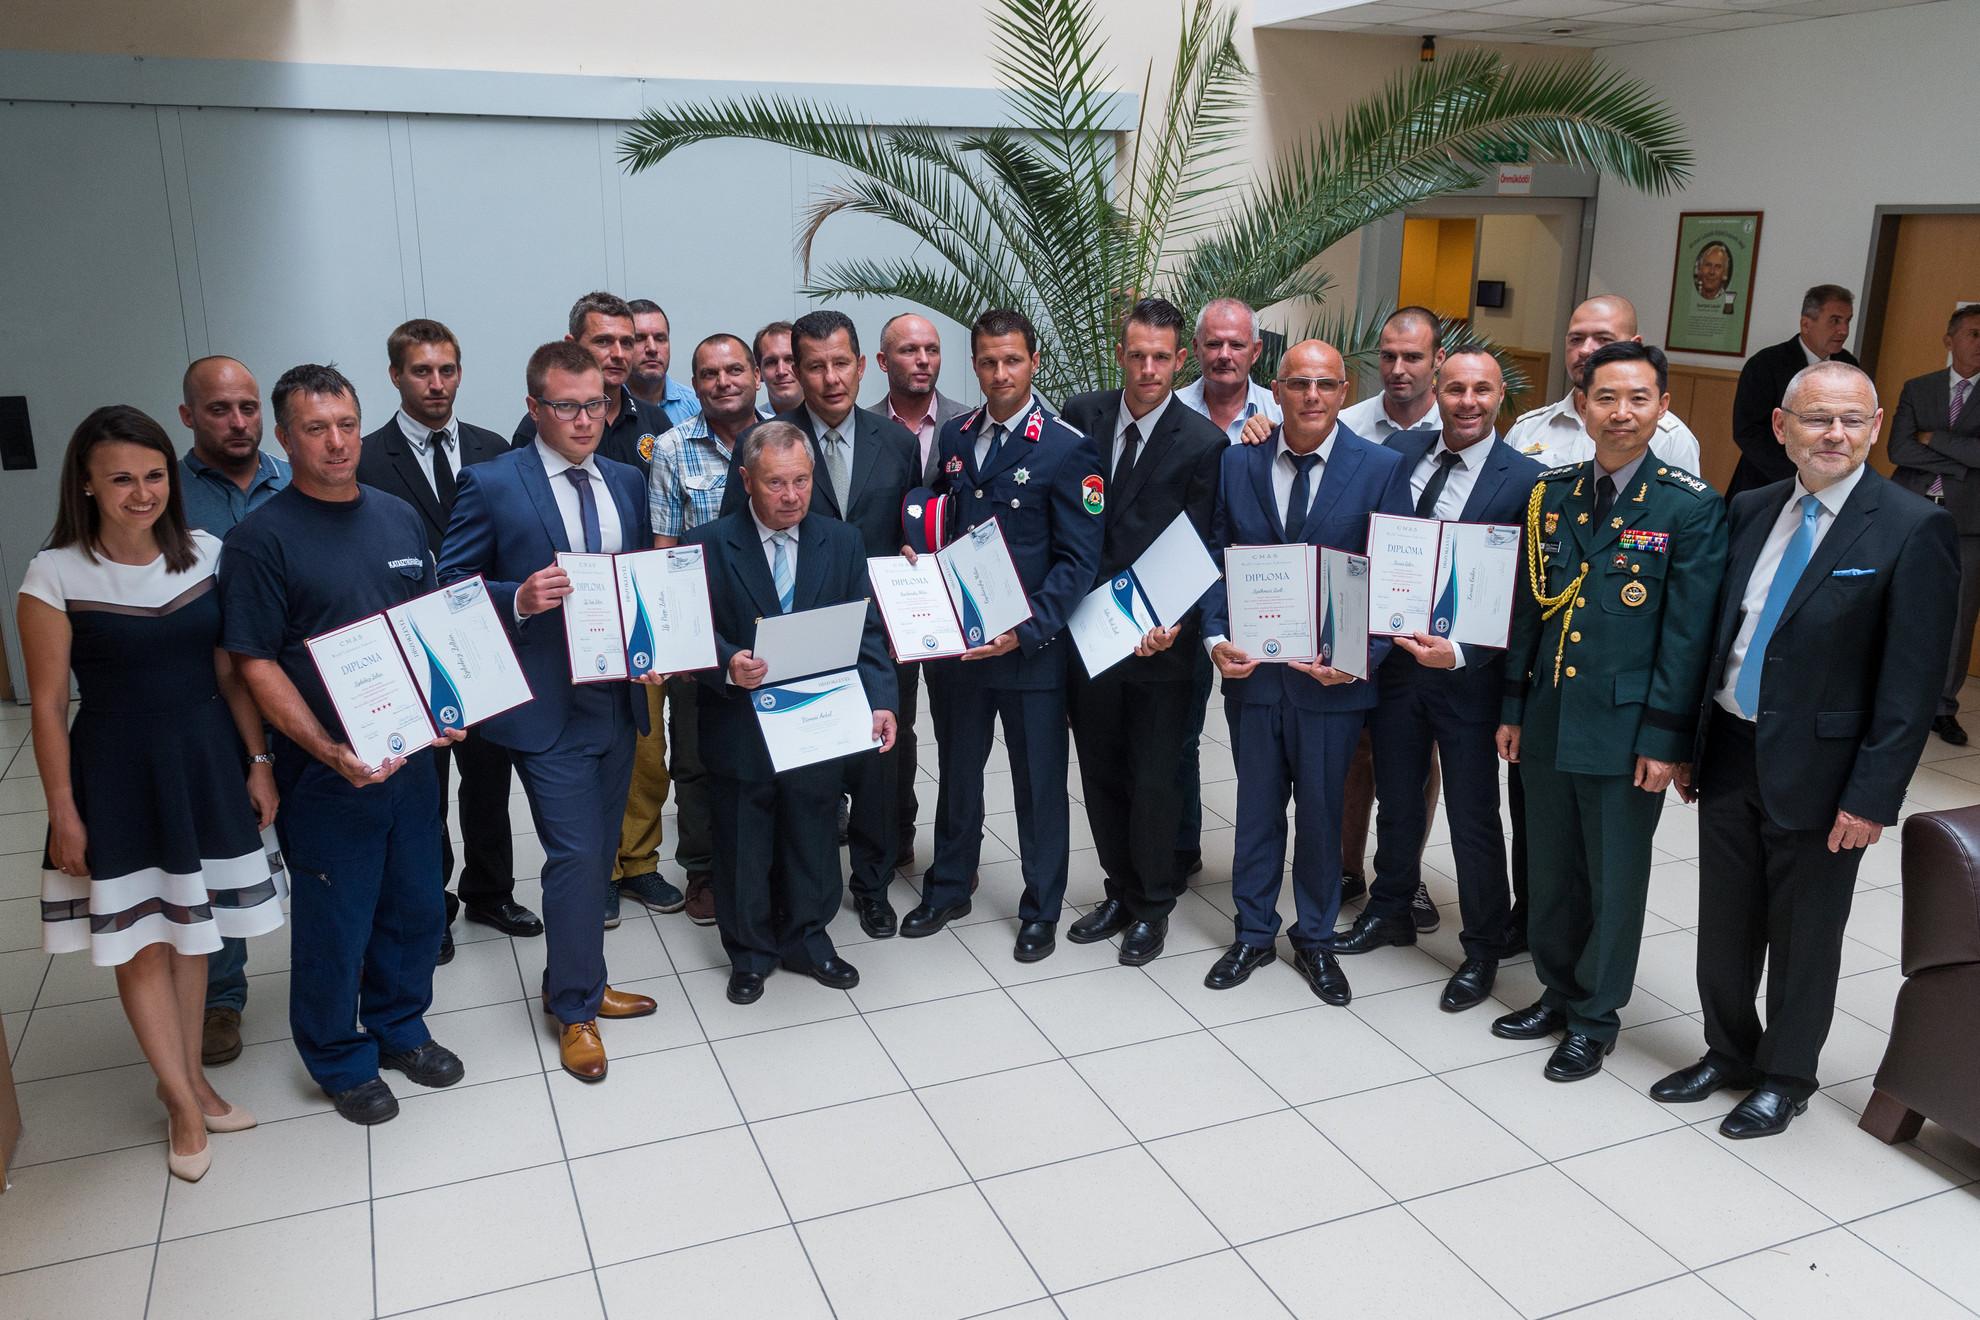 A díjazottak és résztvevők a Magyar Búvár Szakszövetség kitüntetéseinek átadásán Budapesten, a Magyar Sport Házában